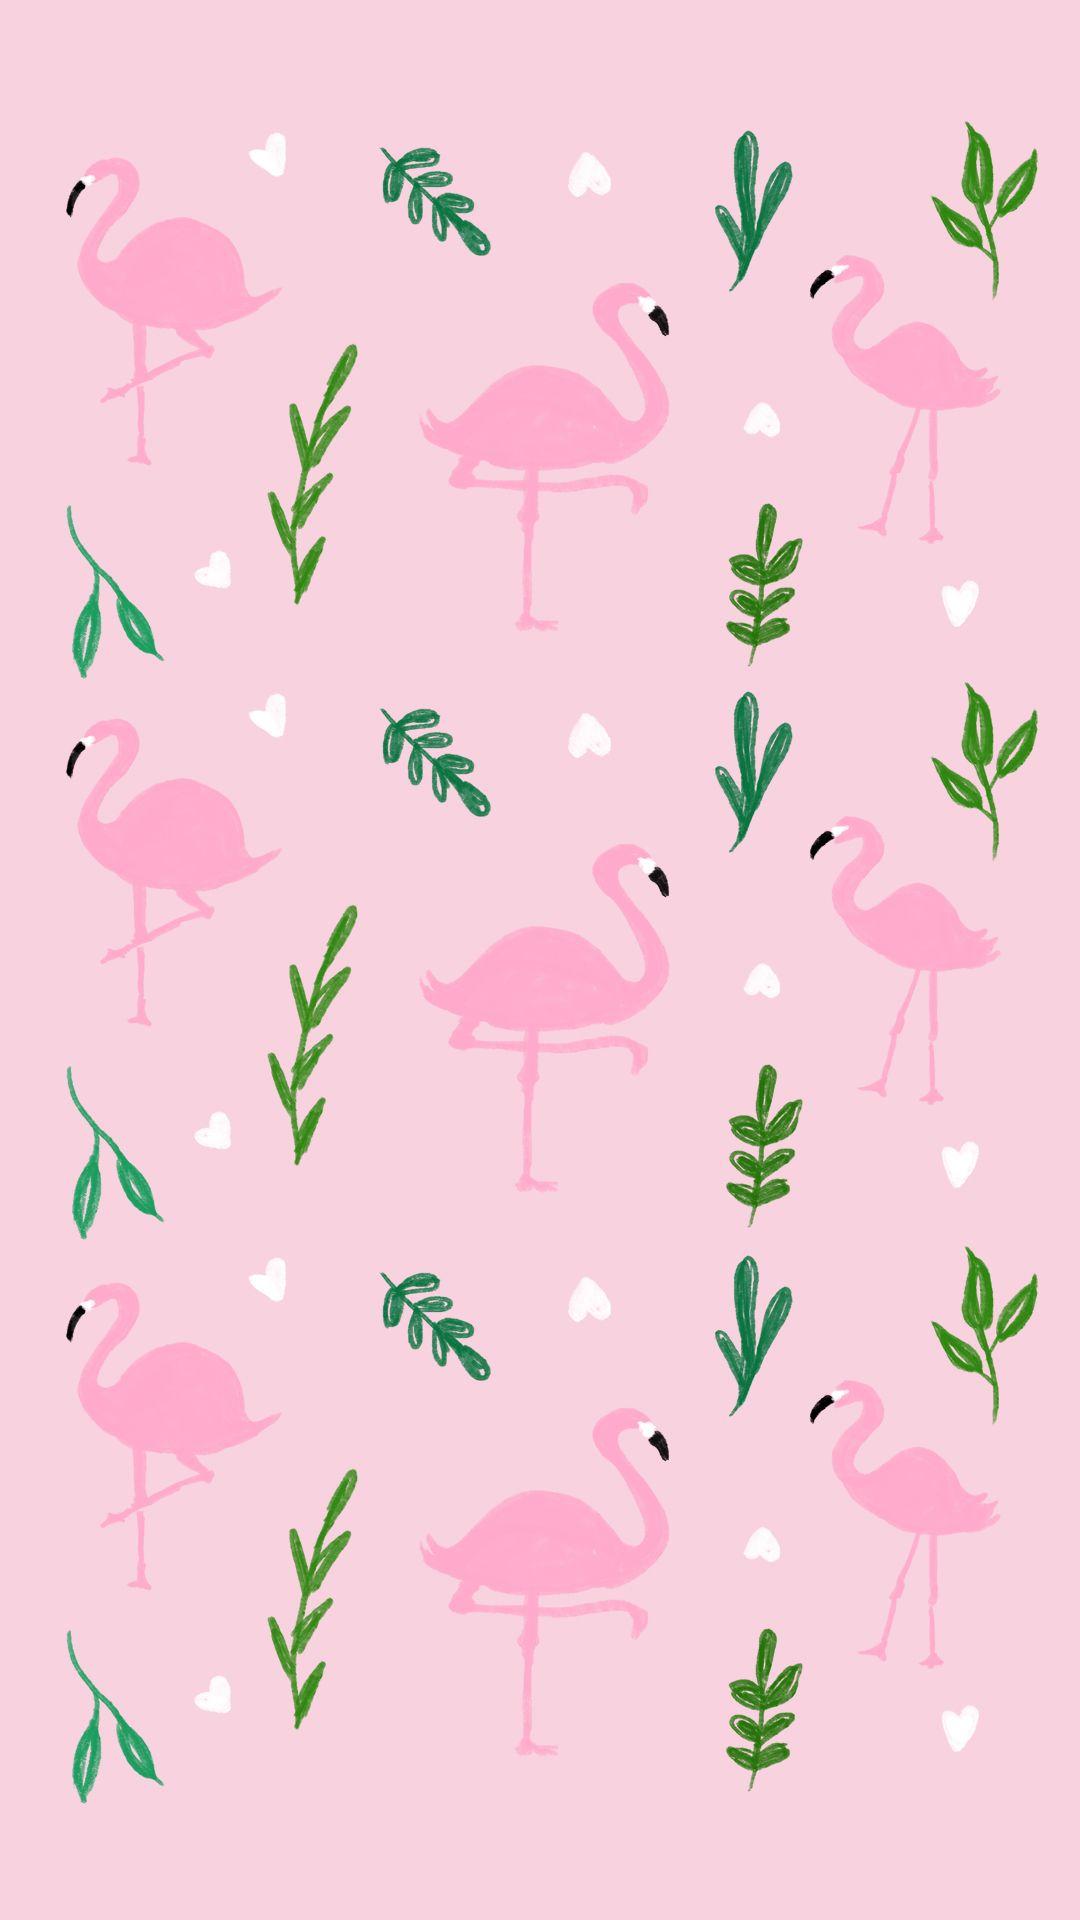 Summer Tropical Flamingo Wallpaper